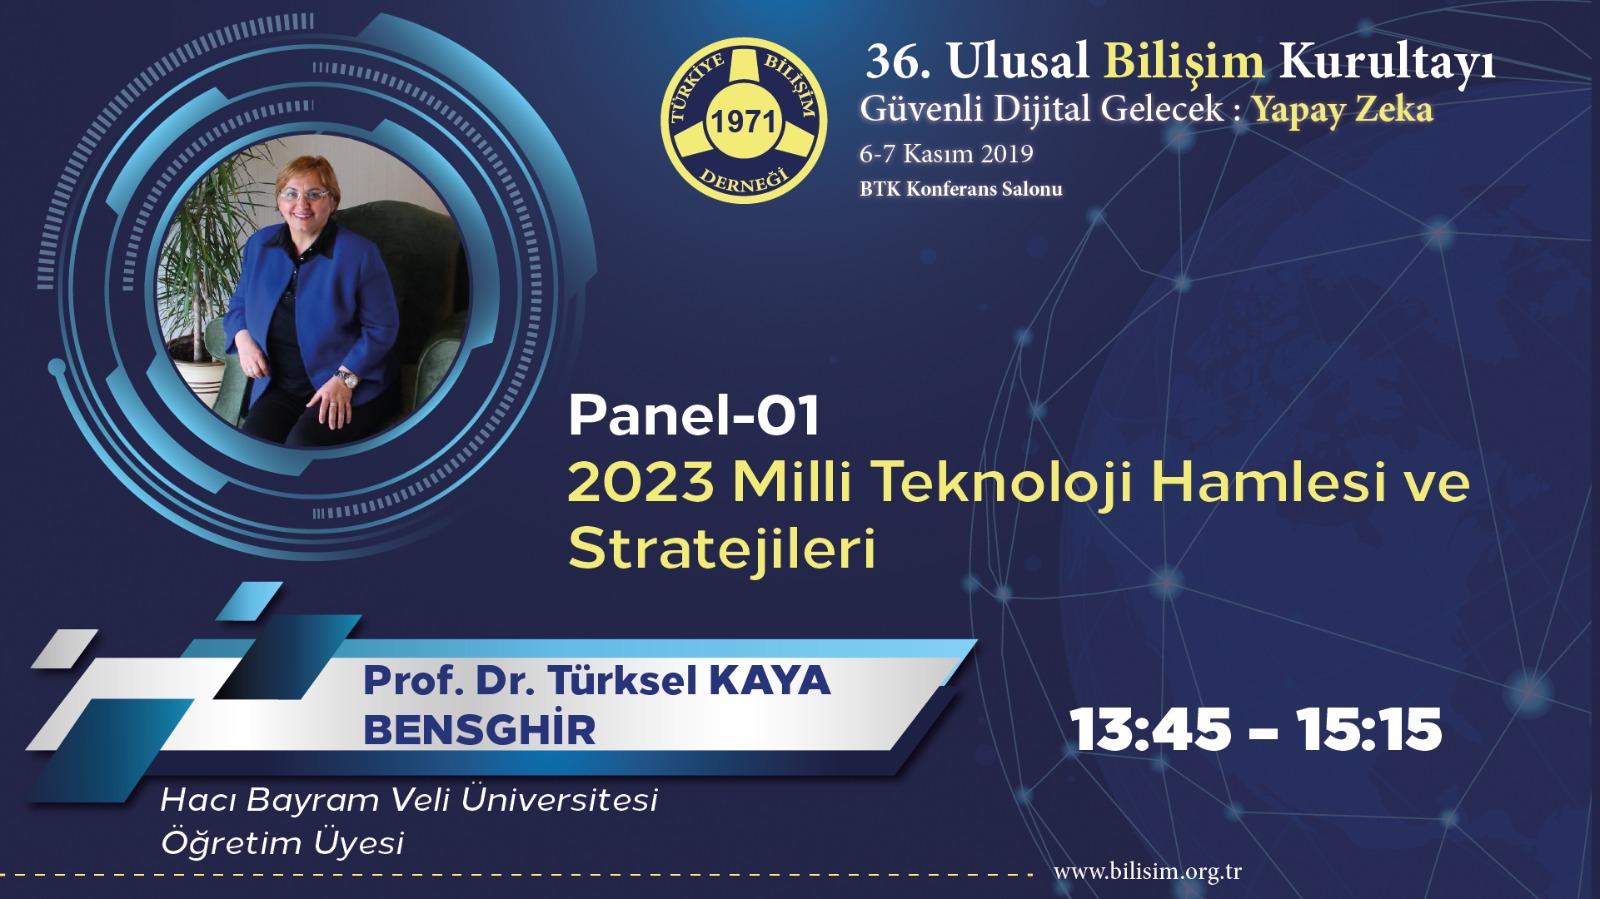 Türksel KAYA BENSGHİR - 36. Ulusal Bilişim Kurultayı